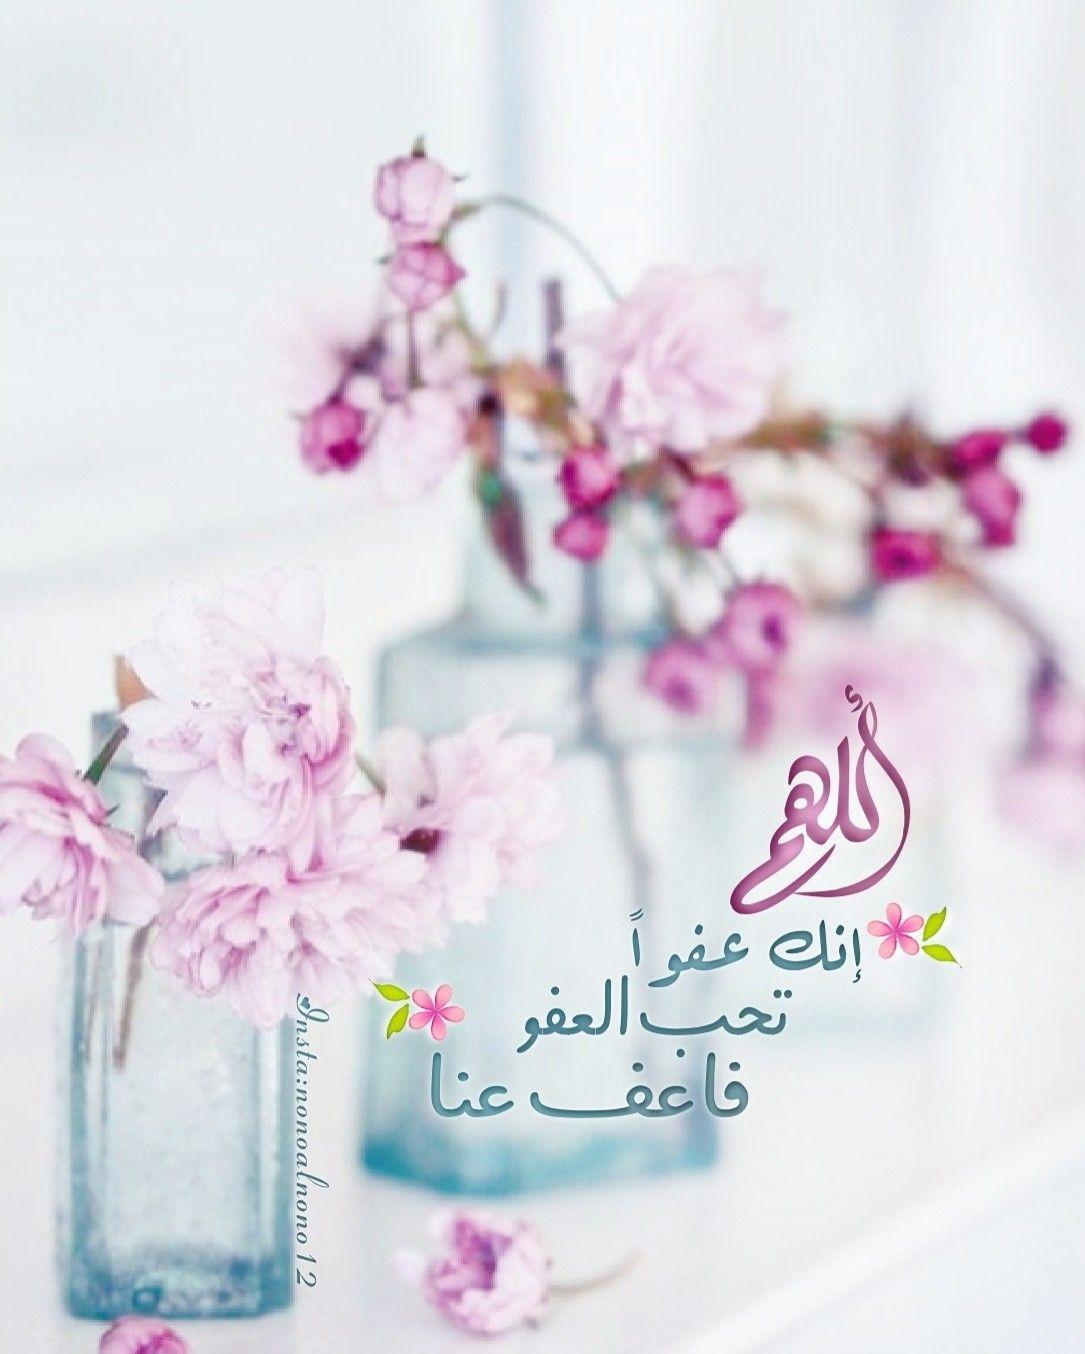 دعاء في العشر الاواخر من رمضان Islamic Pictures Friday Messages Ramadan